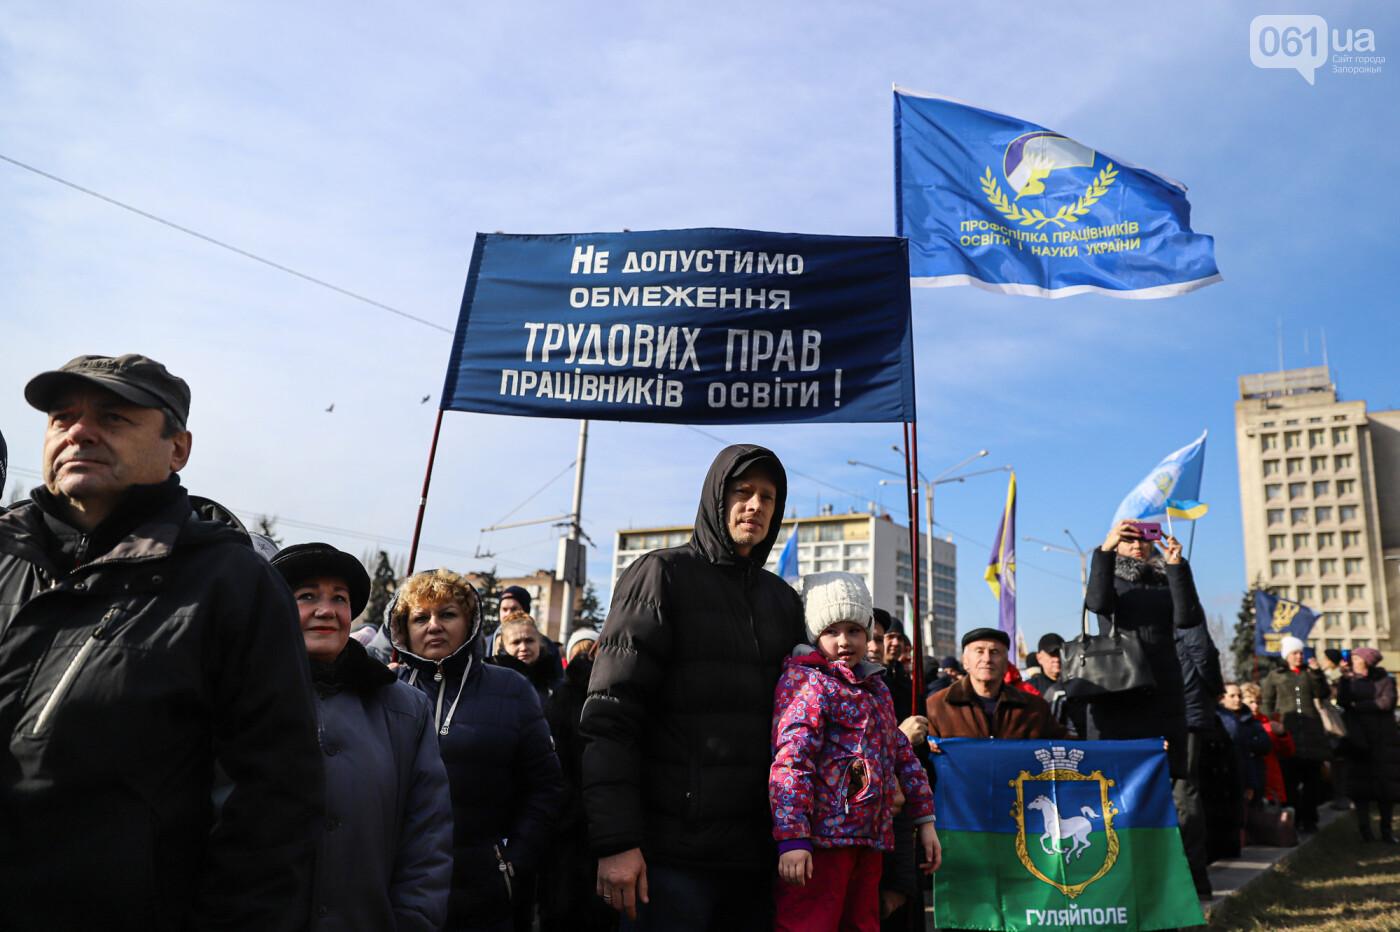 В Запорожье на протестную акцию профсоюзов «Волна гнева» вышло около 2000 человек, - ФОТОРЕПОРТАЖ, фото-16